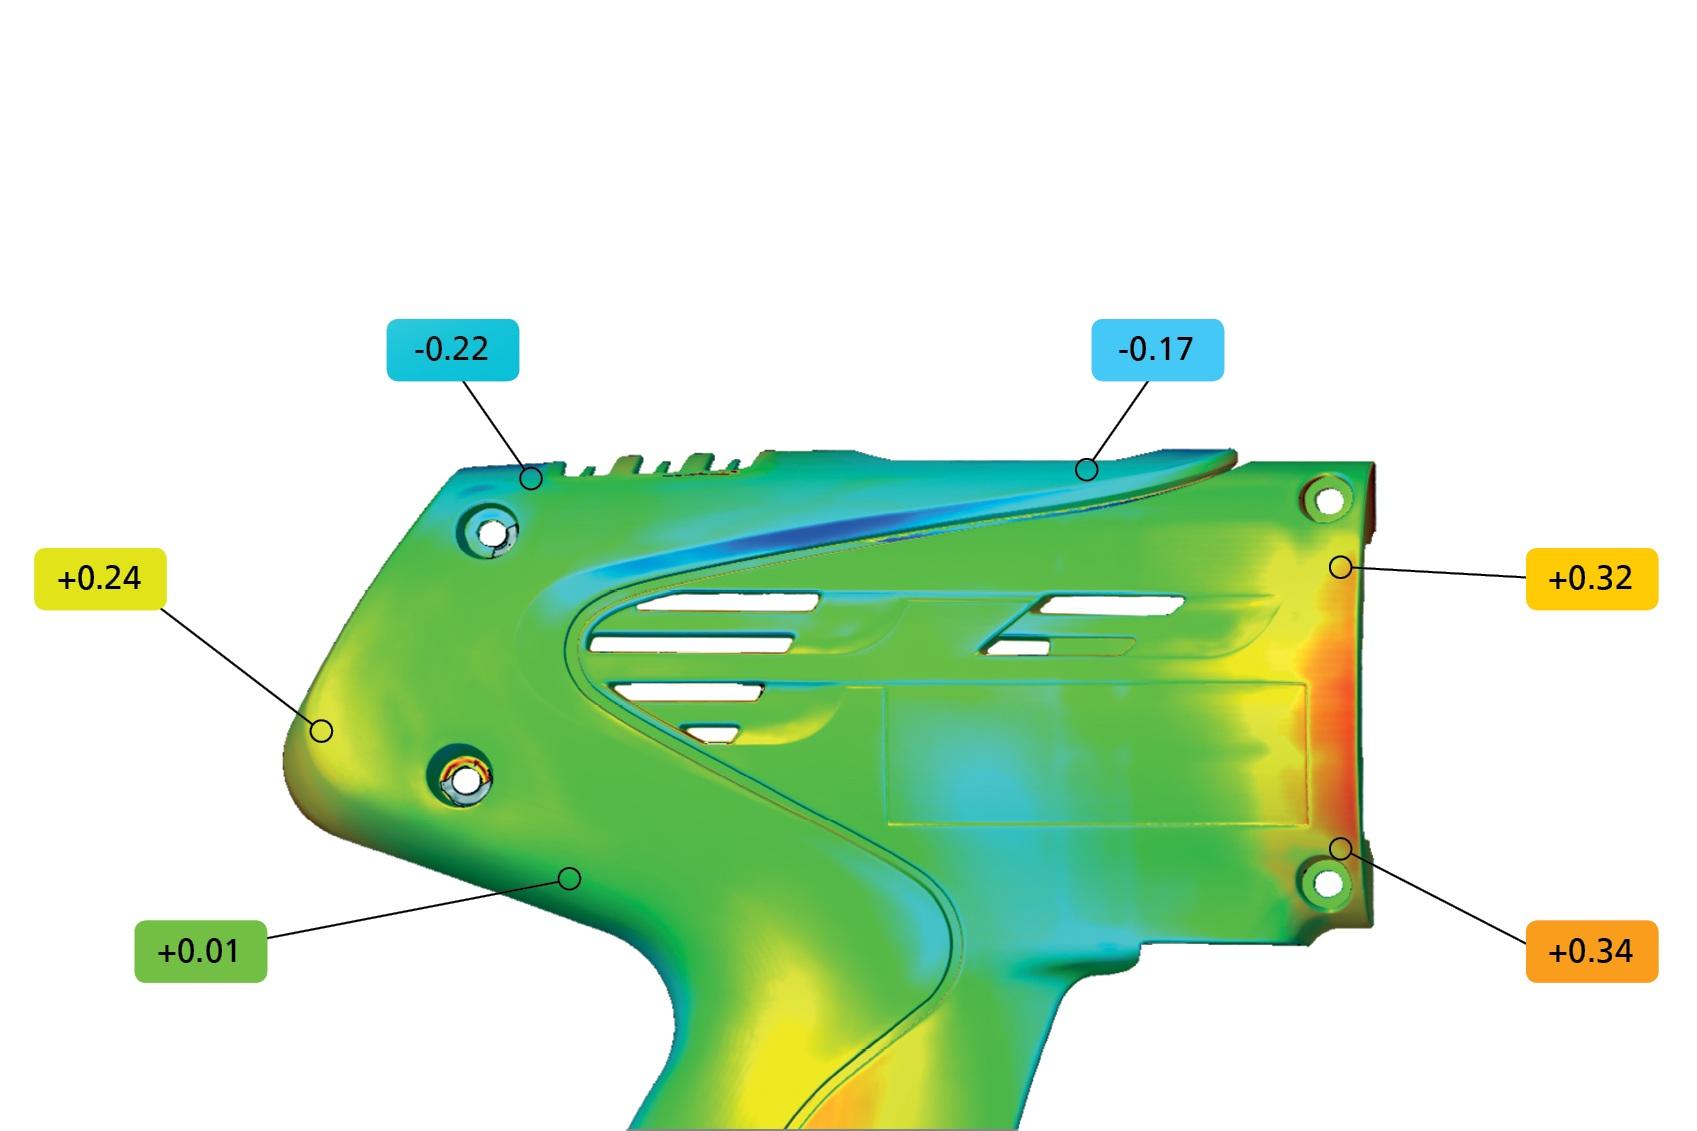 Evaluación - La malla puede verificarse comparando las superficies con dibujos técnicos o registros CAD. Puede implementarse un análisis 3D de las supeficies y un análisis 2D de las secciones transversales o puntos.